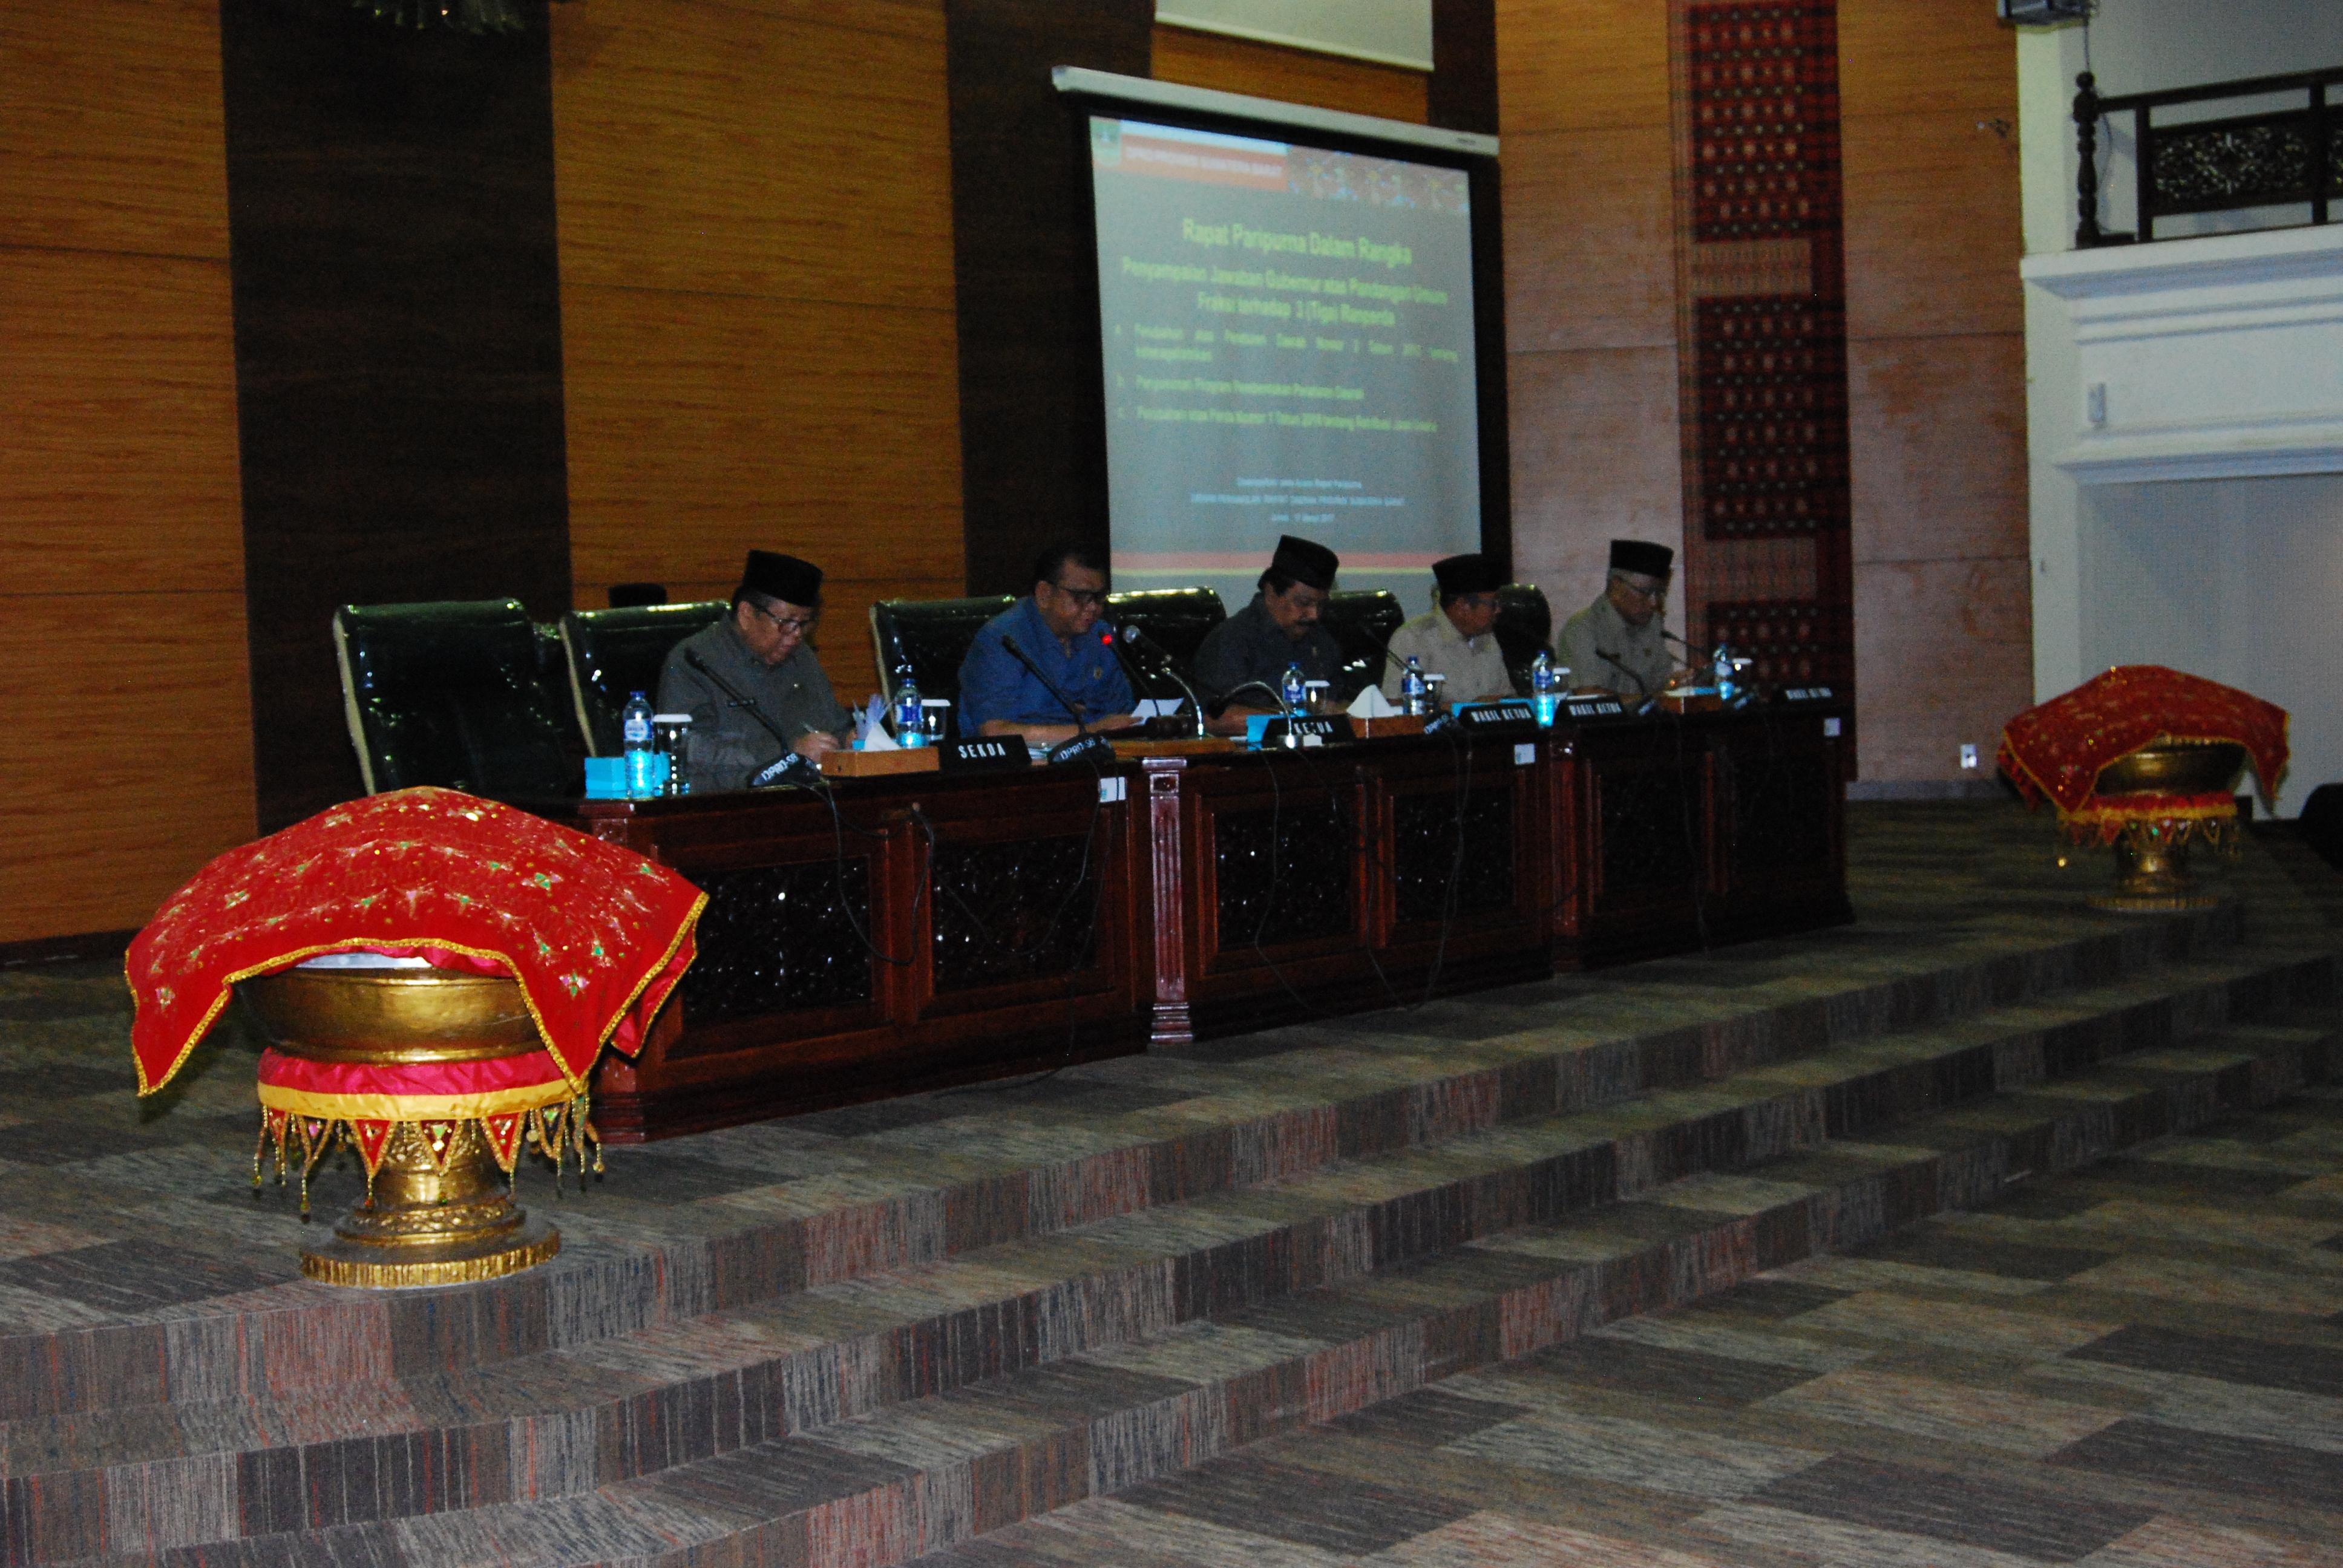 DPRD dan Pemprov Sumbar Bahas Perda Penyusunan Propem Perda